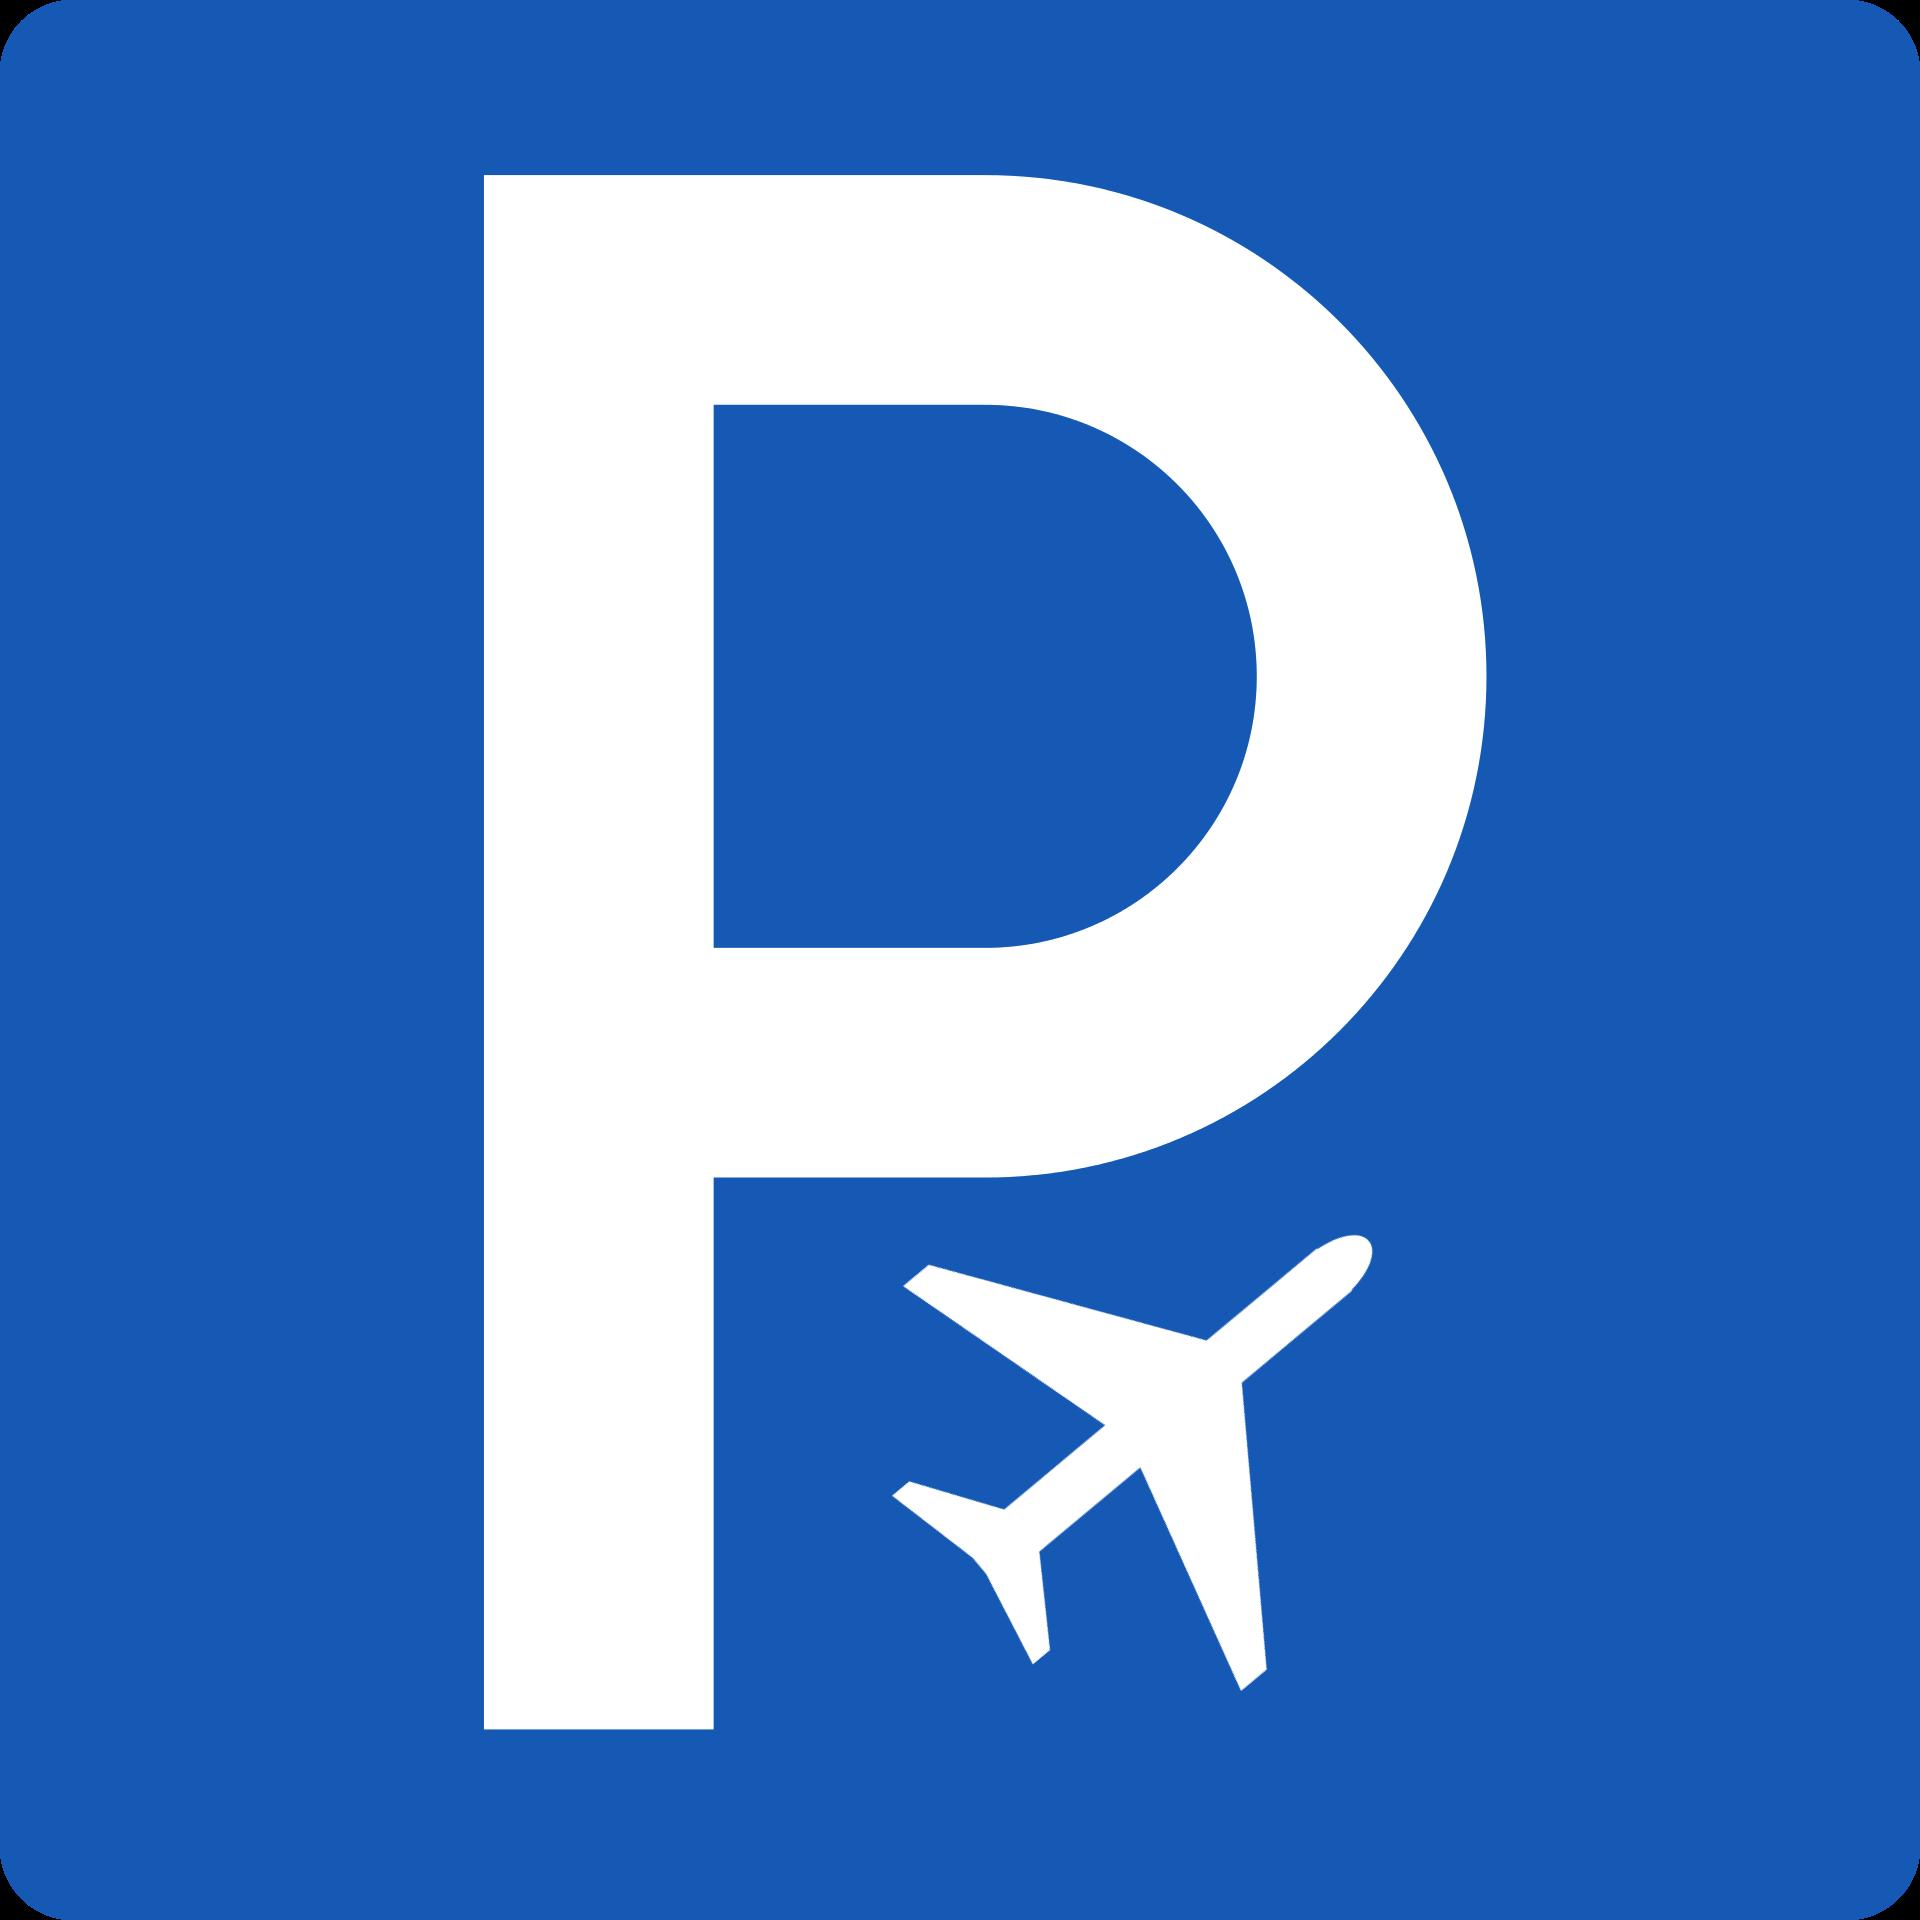 Parken im Flughafen Köln